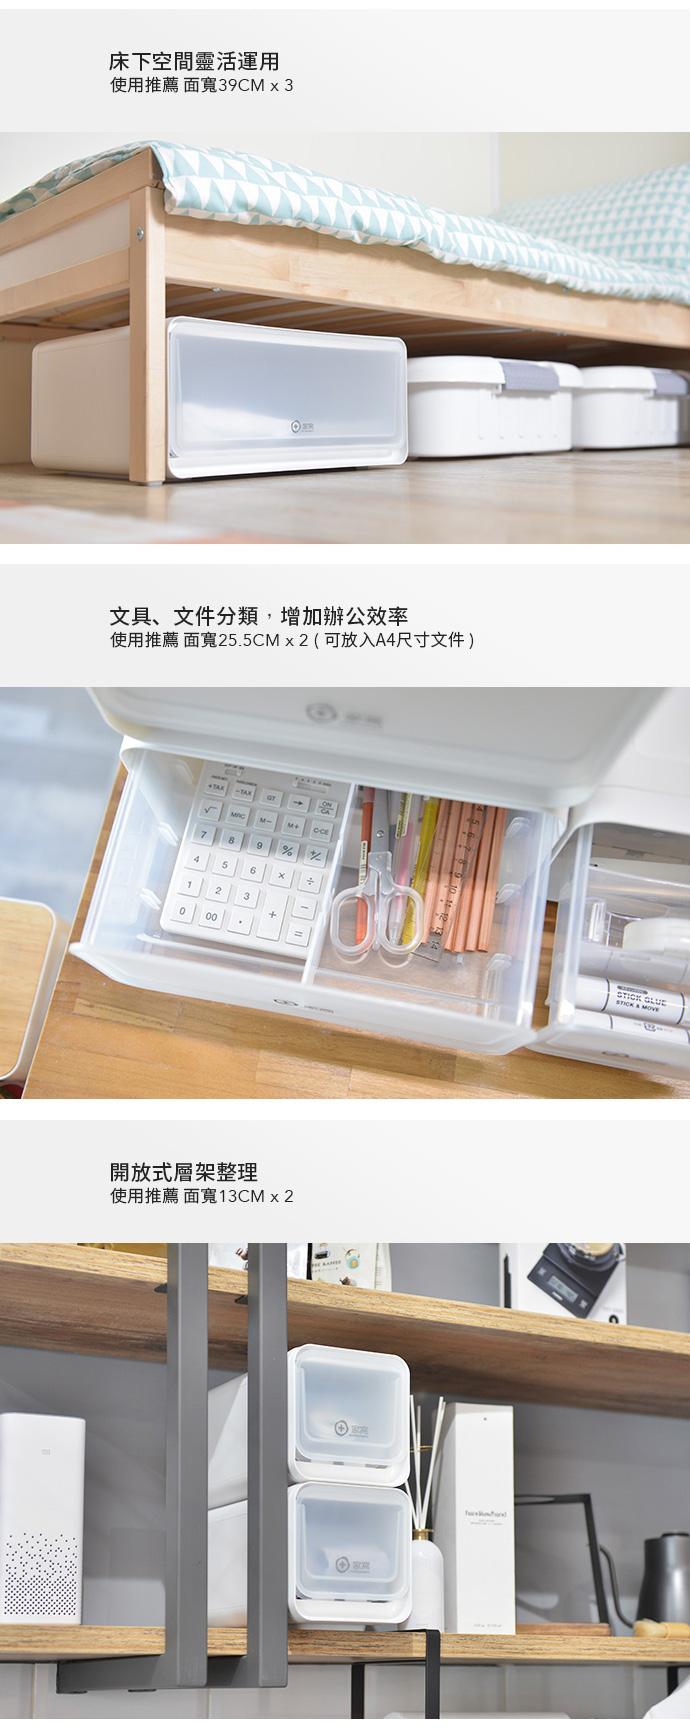 +O家窩|面寬13CM舒納層疊透窗可調式分隔抽屜箱-7格-3入